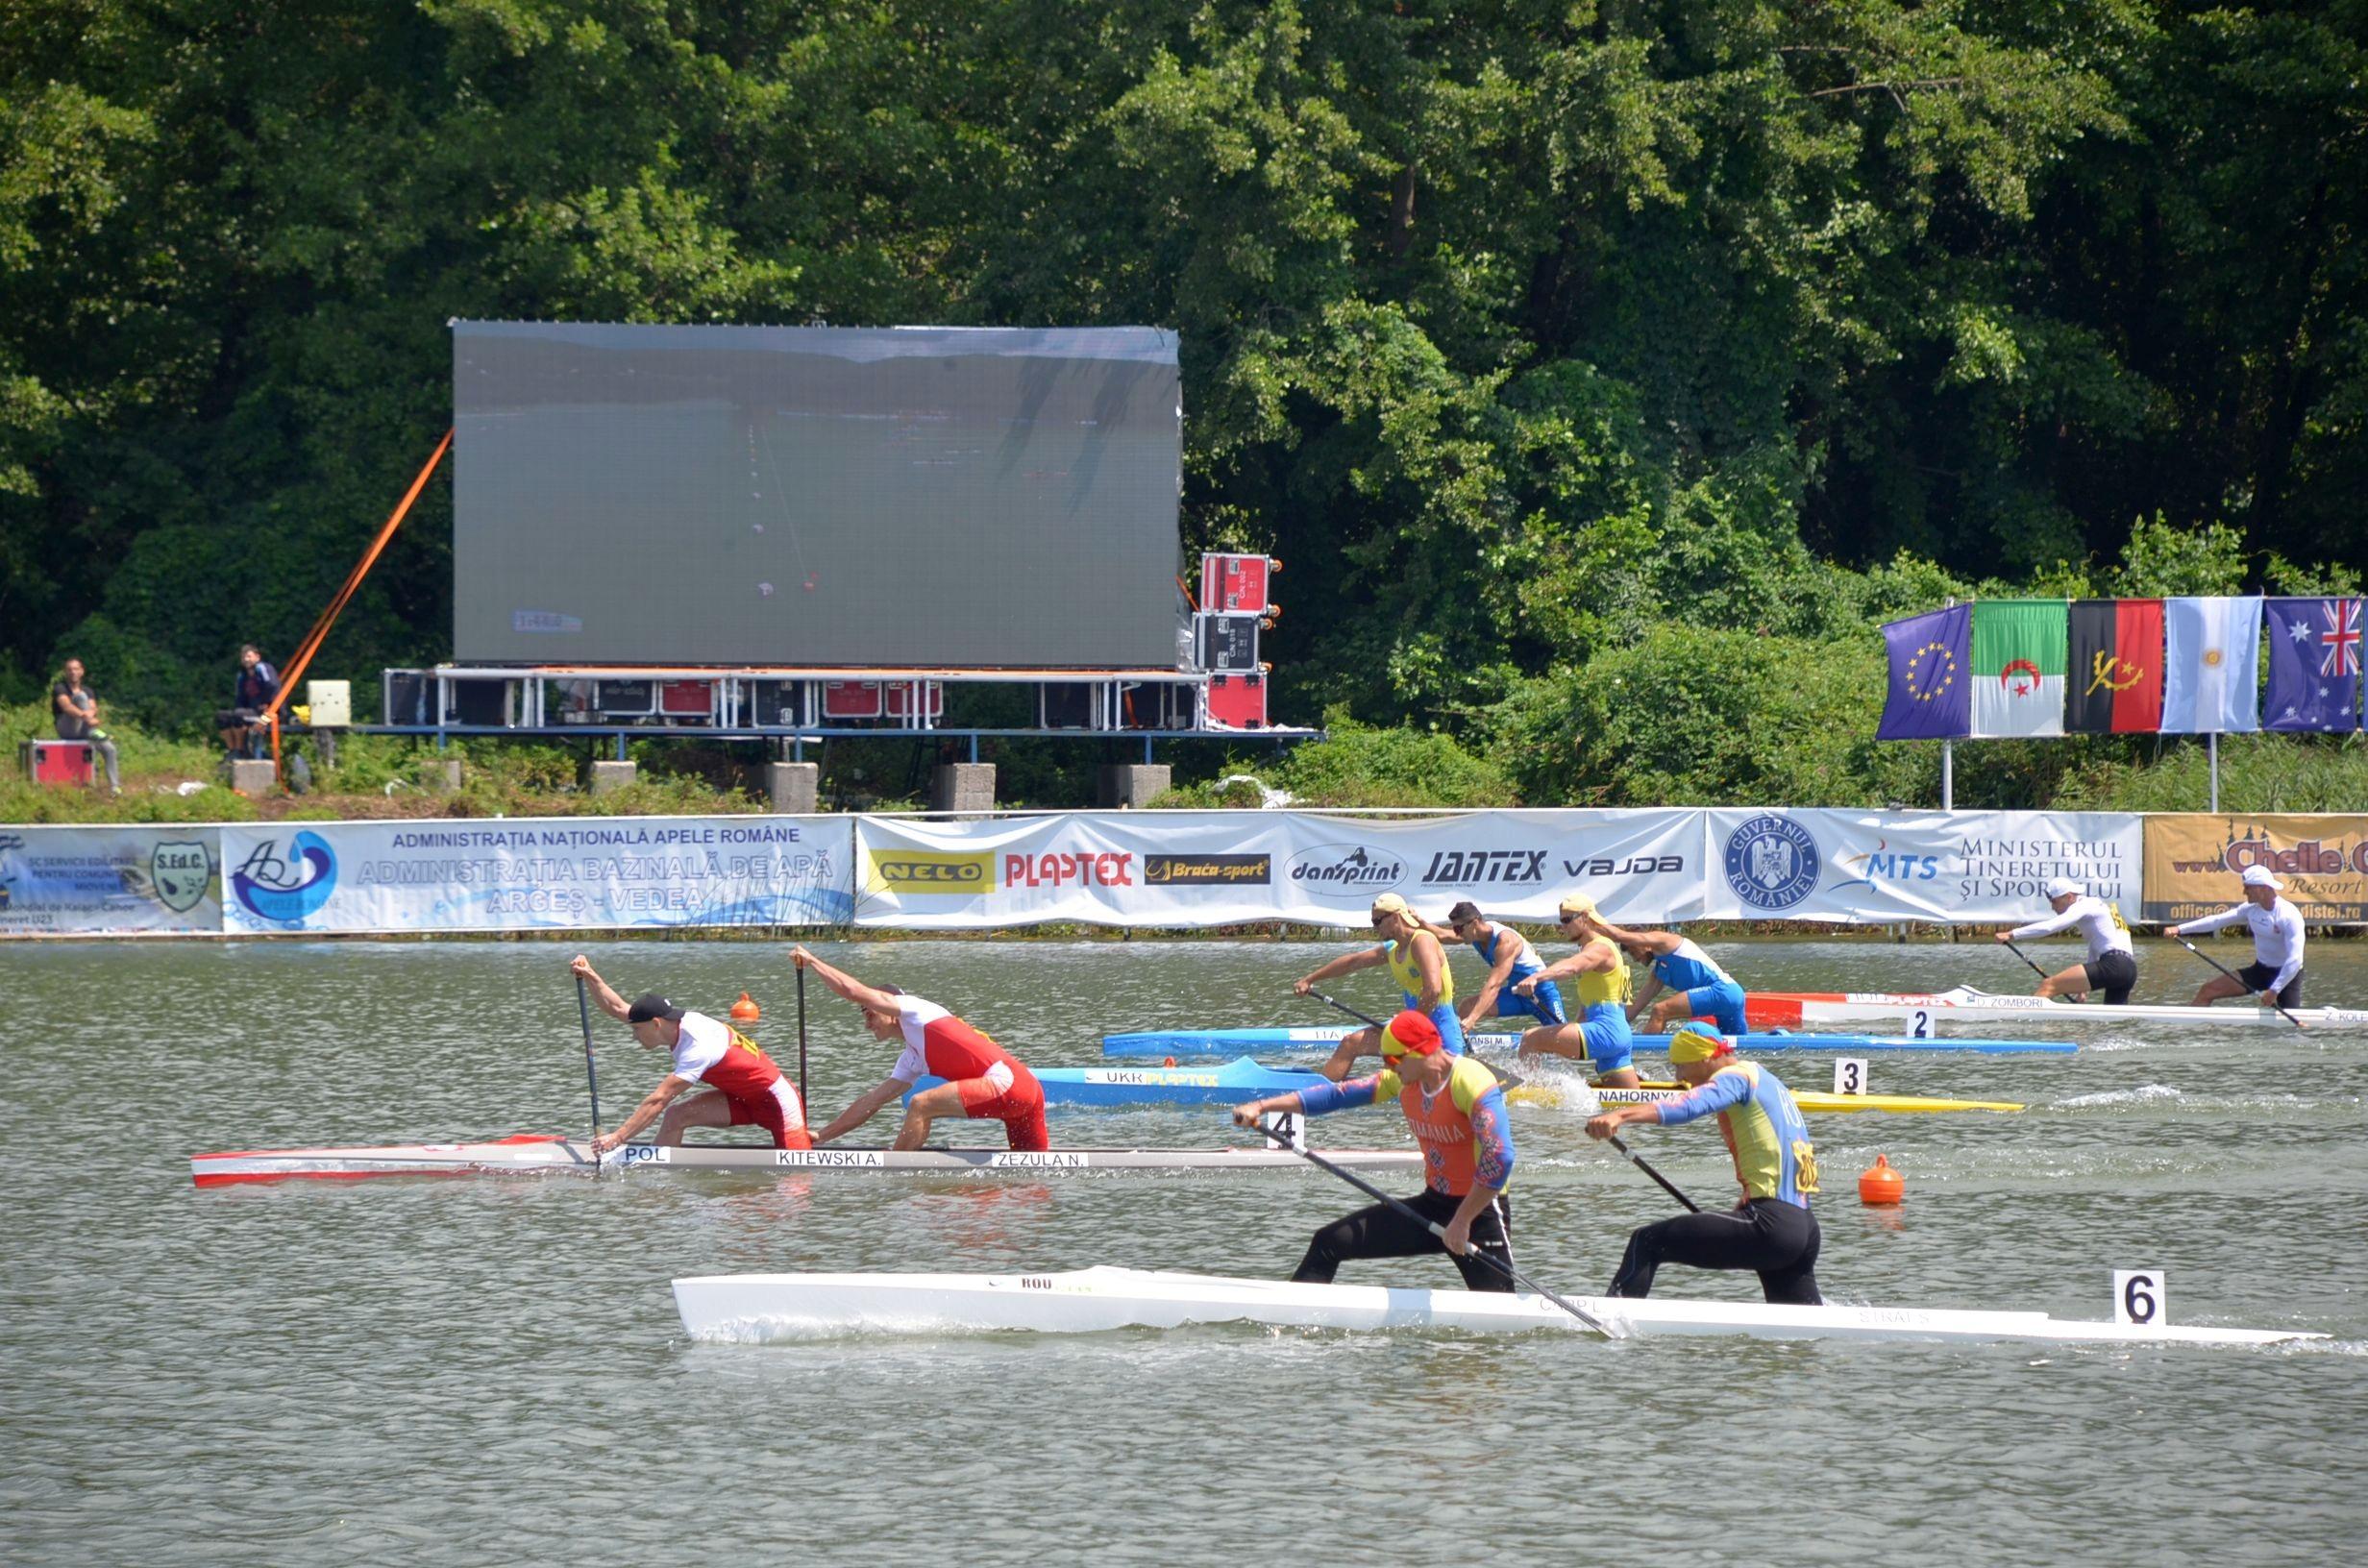 România a cucerit 3 medalii de argint la Mondialul de kaiac-canoe pentru juniori și tineret de la Pitești!